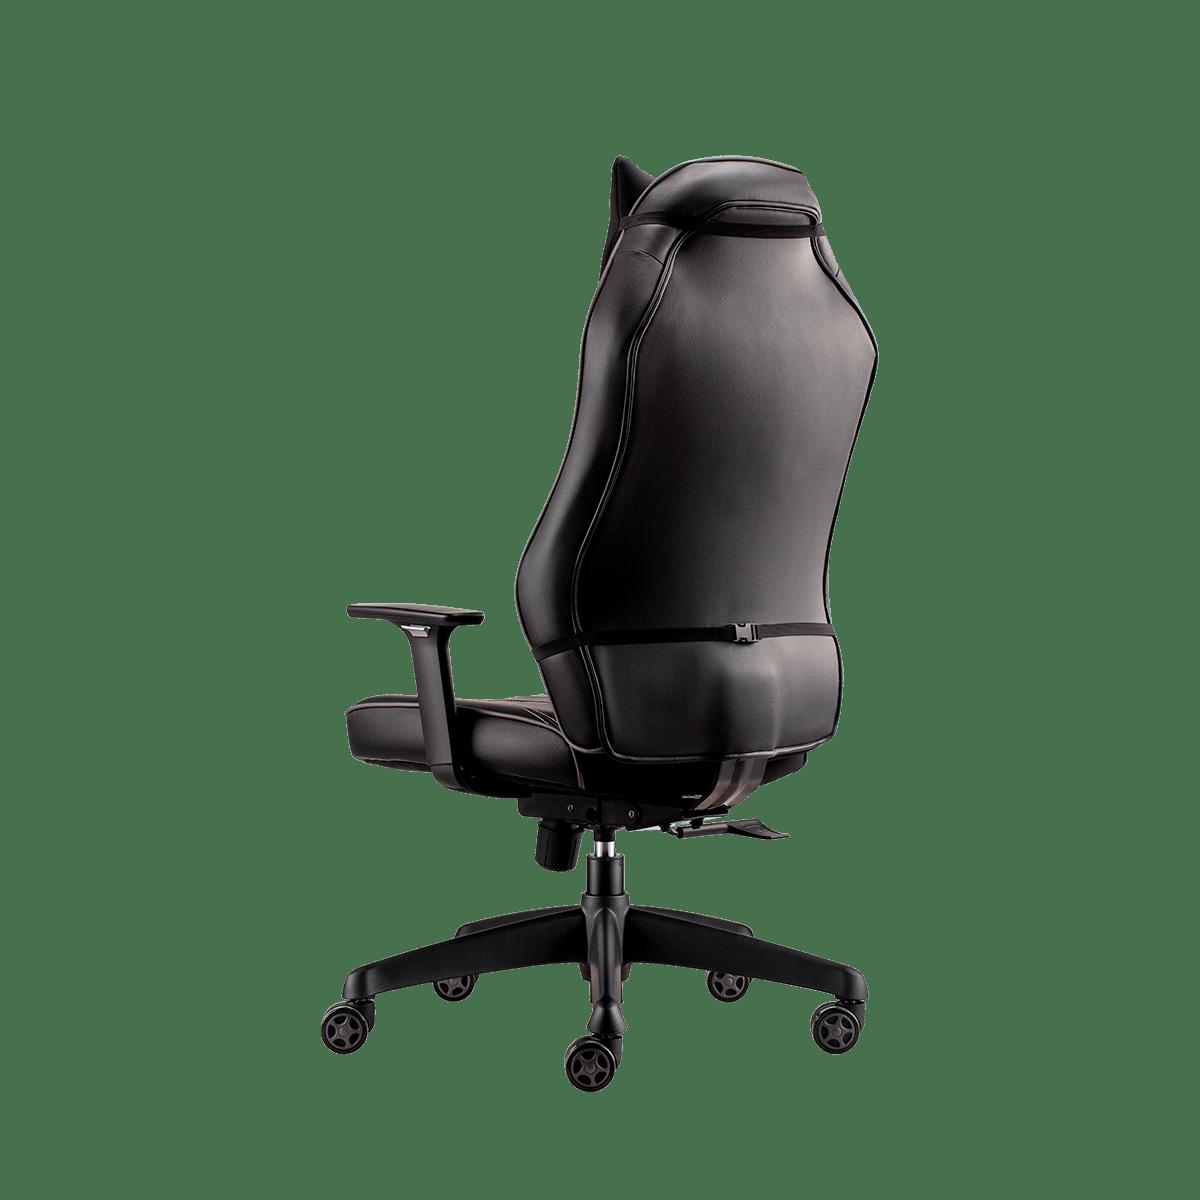 Cadeira Gamer Redragon Metis C102 Cinza/Preta